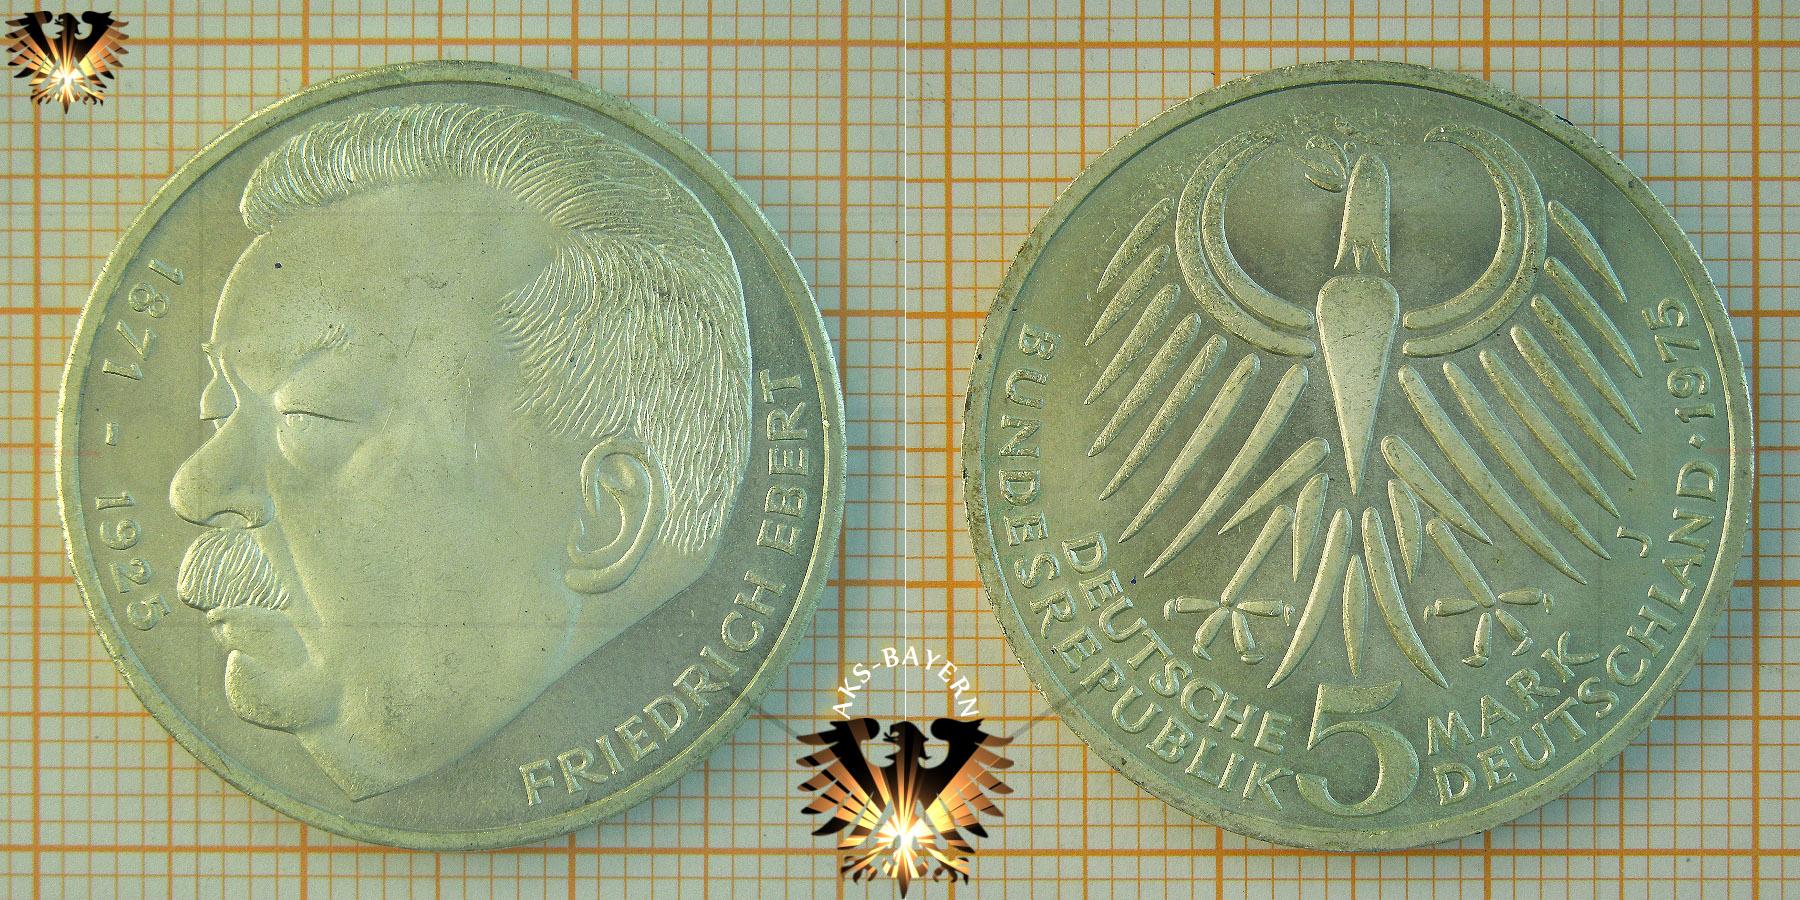 5 Dm Brd 1975 F Europäisches Denkmalschutzjahr 1975 Gedenkmünze